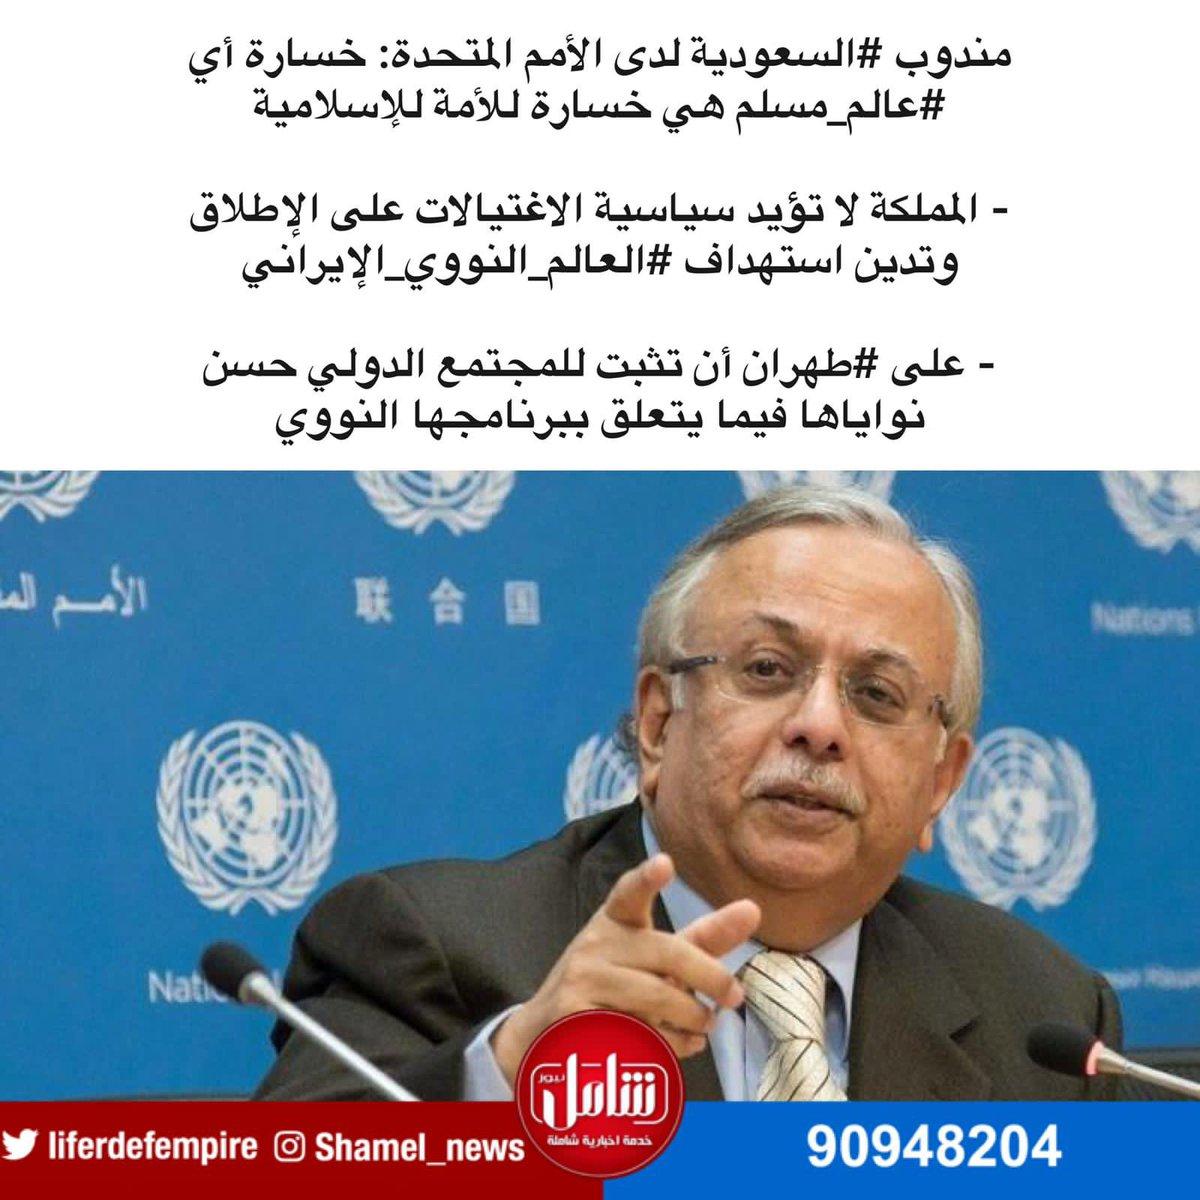 مندوب #السعودية لدى الأمم المتحدة: خسارة أي #عالم_مسلم هي خسارة للأمة للإسلامية  - المملكة لا تؤيد سياسية الاغتيالات على الإطلاق وتدين استهداف #العالم_النووي_الإيراني  - على #طهران أن تثبت للمجتمع الدولي حسن نواياها فيما يتعلق ببرنامجها النووي